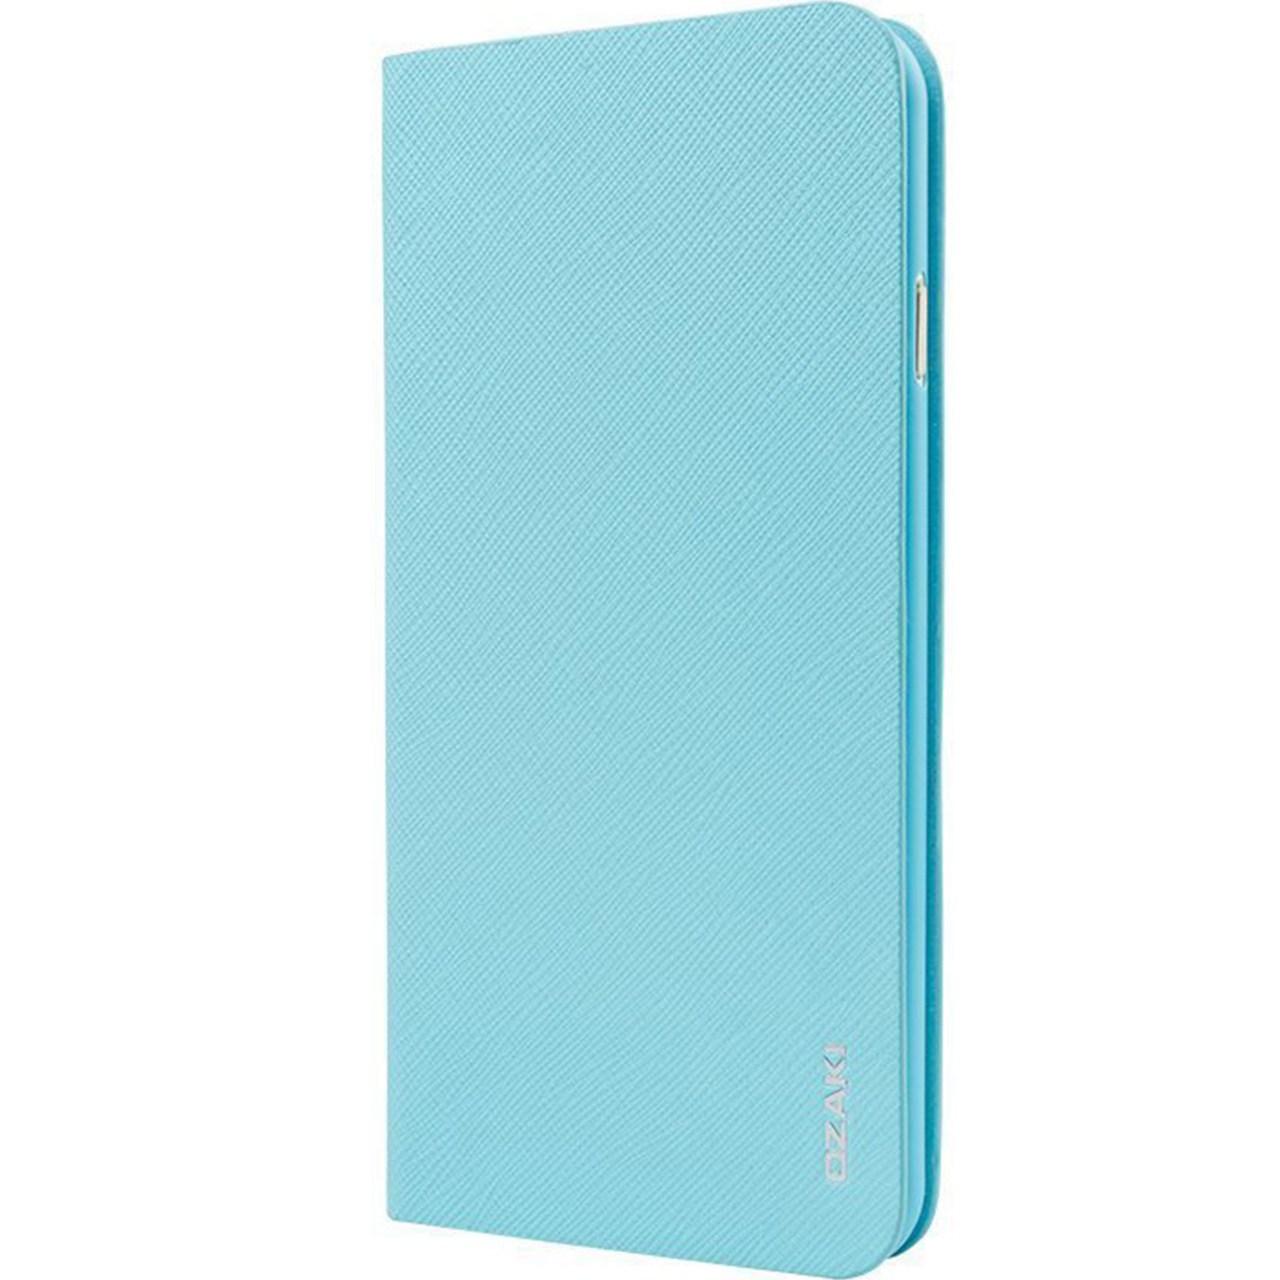 کیف کلاسوری اوزاکی مدل Ocoat 0.4 Plus Folio مناسب برای گوشی آیفون 6 پلاس و 6s پلاس